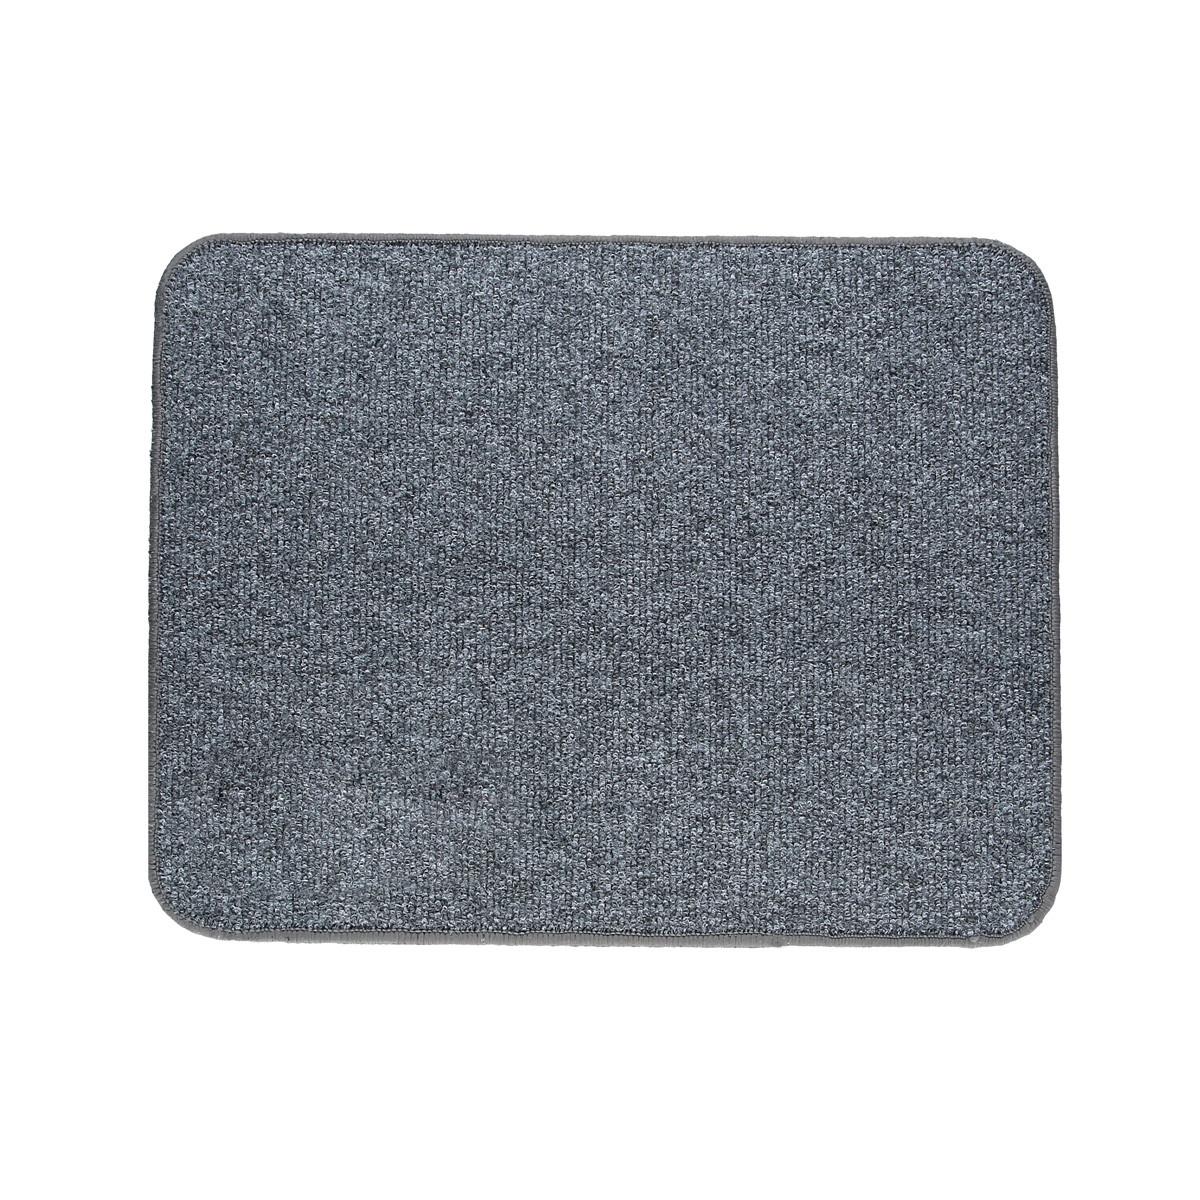 Электрический коврик с подогревом Теплик с термо и гидроизоляцией 50 х 40 см Темно-серый